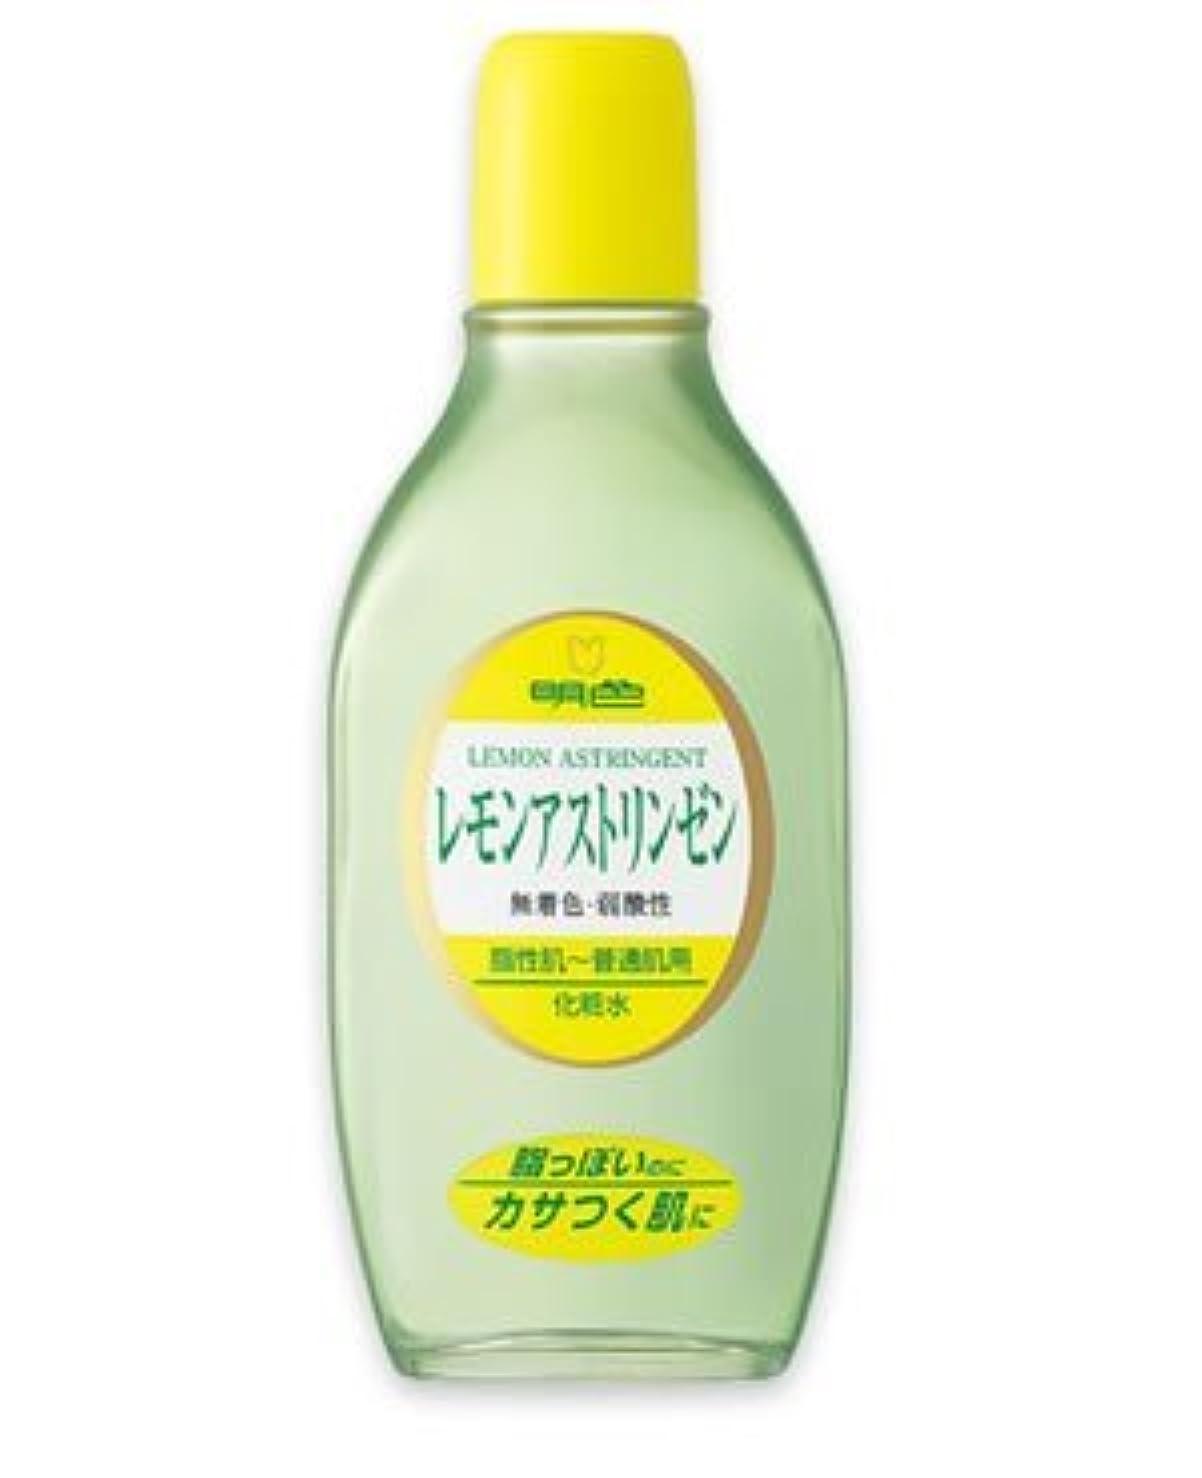 理想的にはキャリッジ急襲(明色)レモンアストリンゼン 170ml(お買い得3本セット)